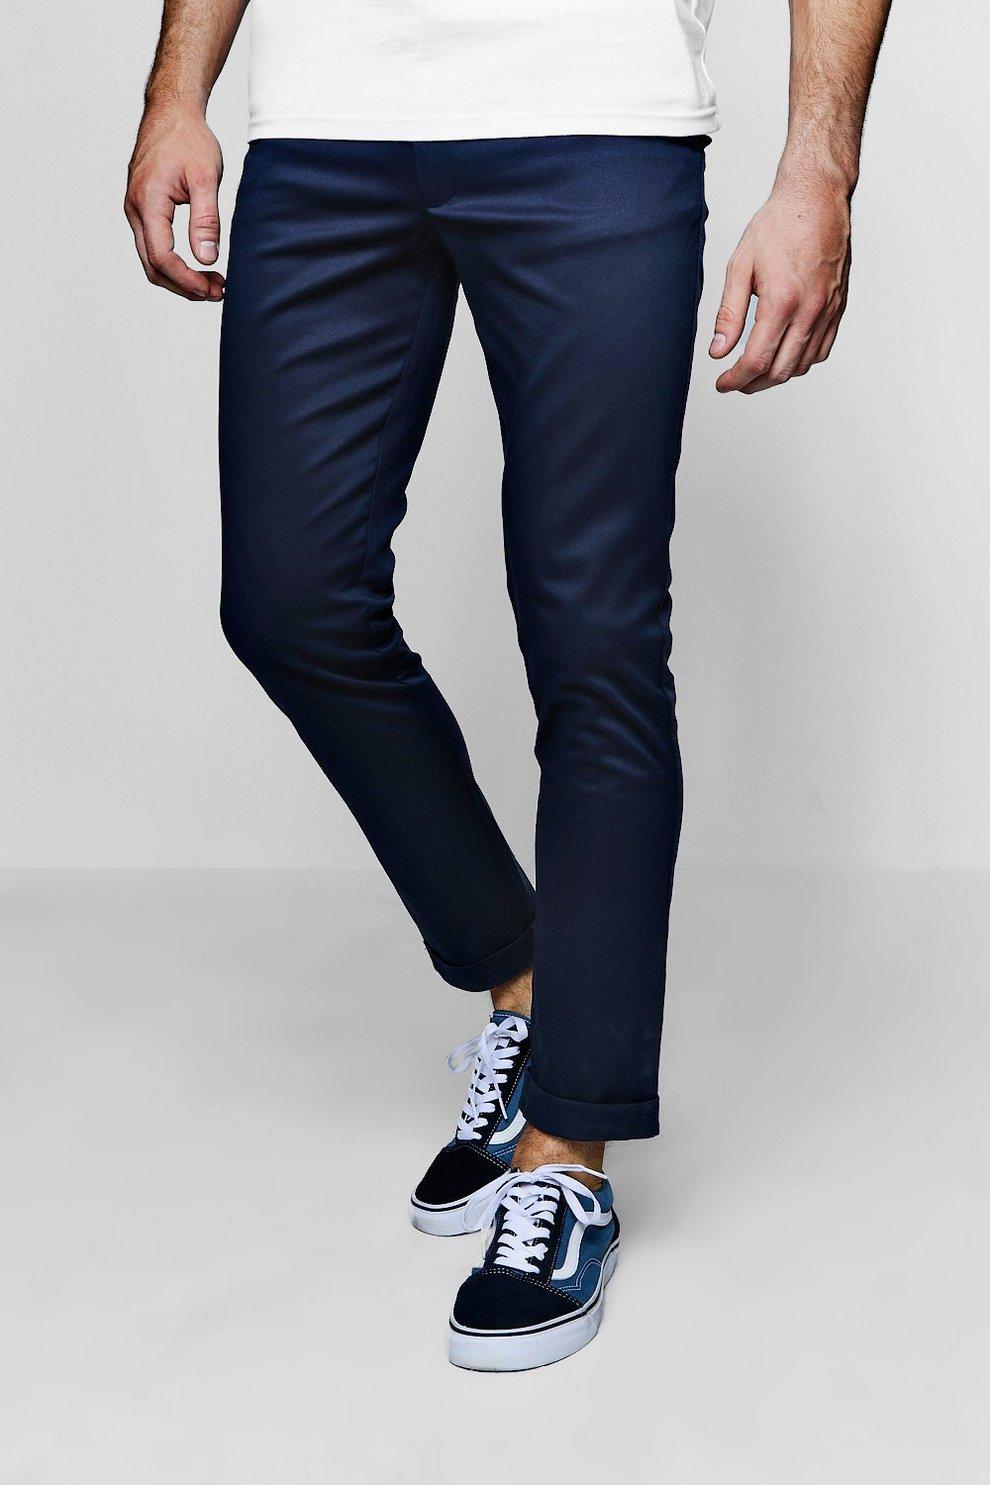 feba089ea4dd Pantaloni chino tapered fit blu oltremare con particolare elasticizzato